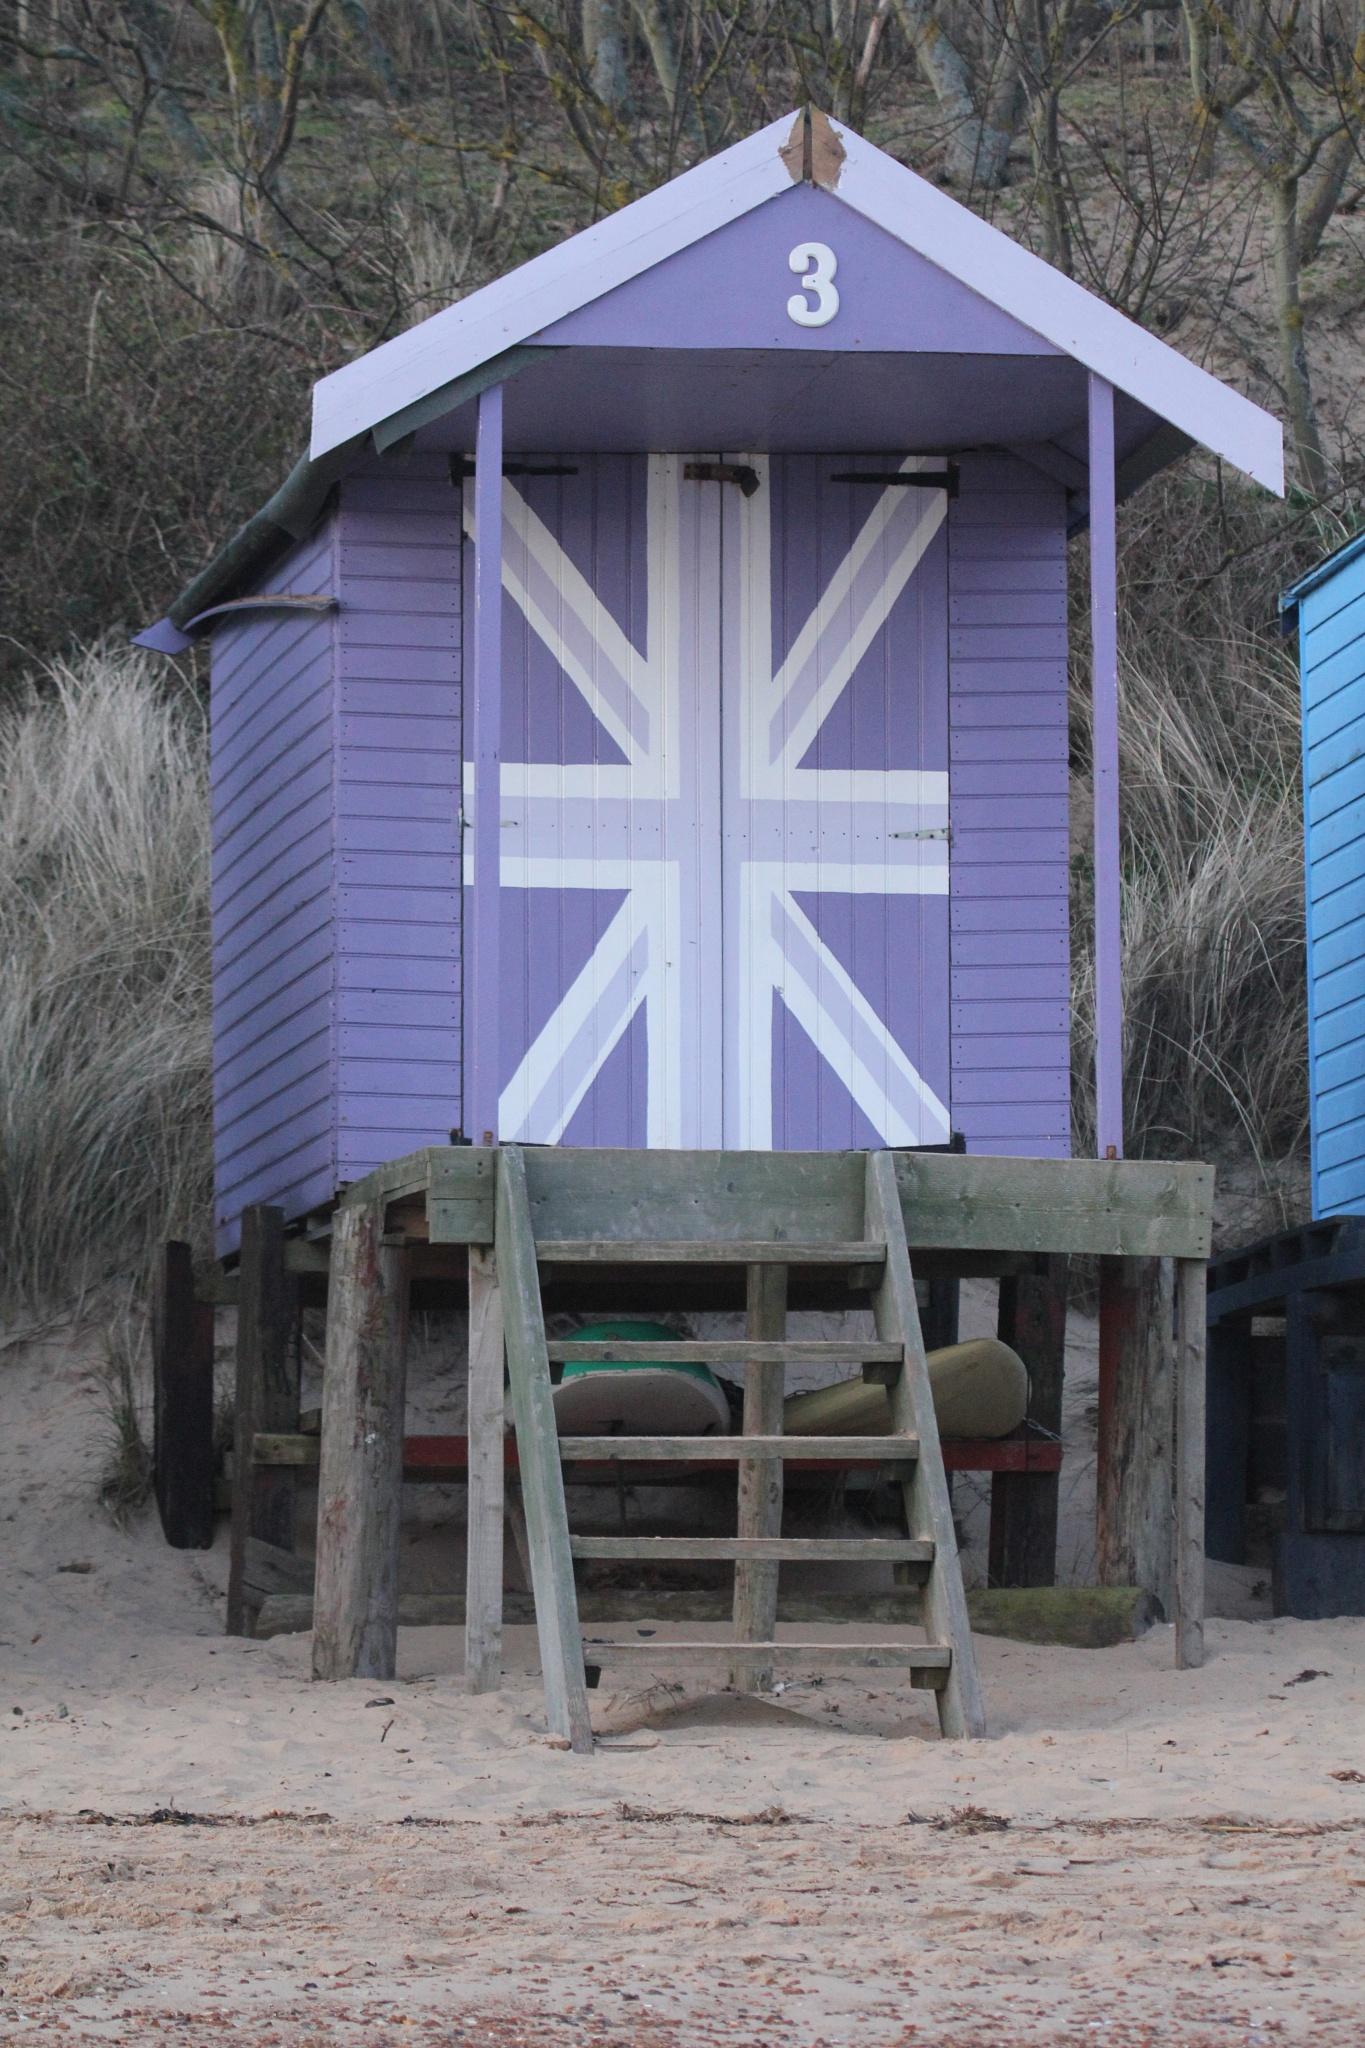 Beach hut by Lsb23